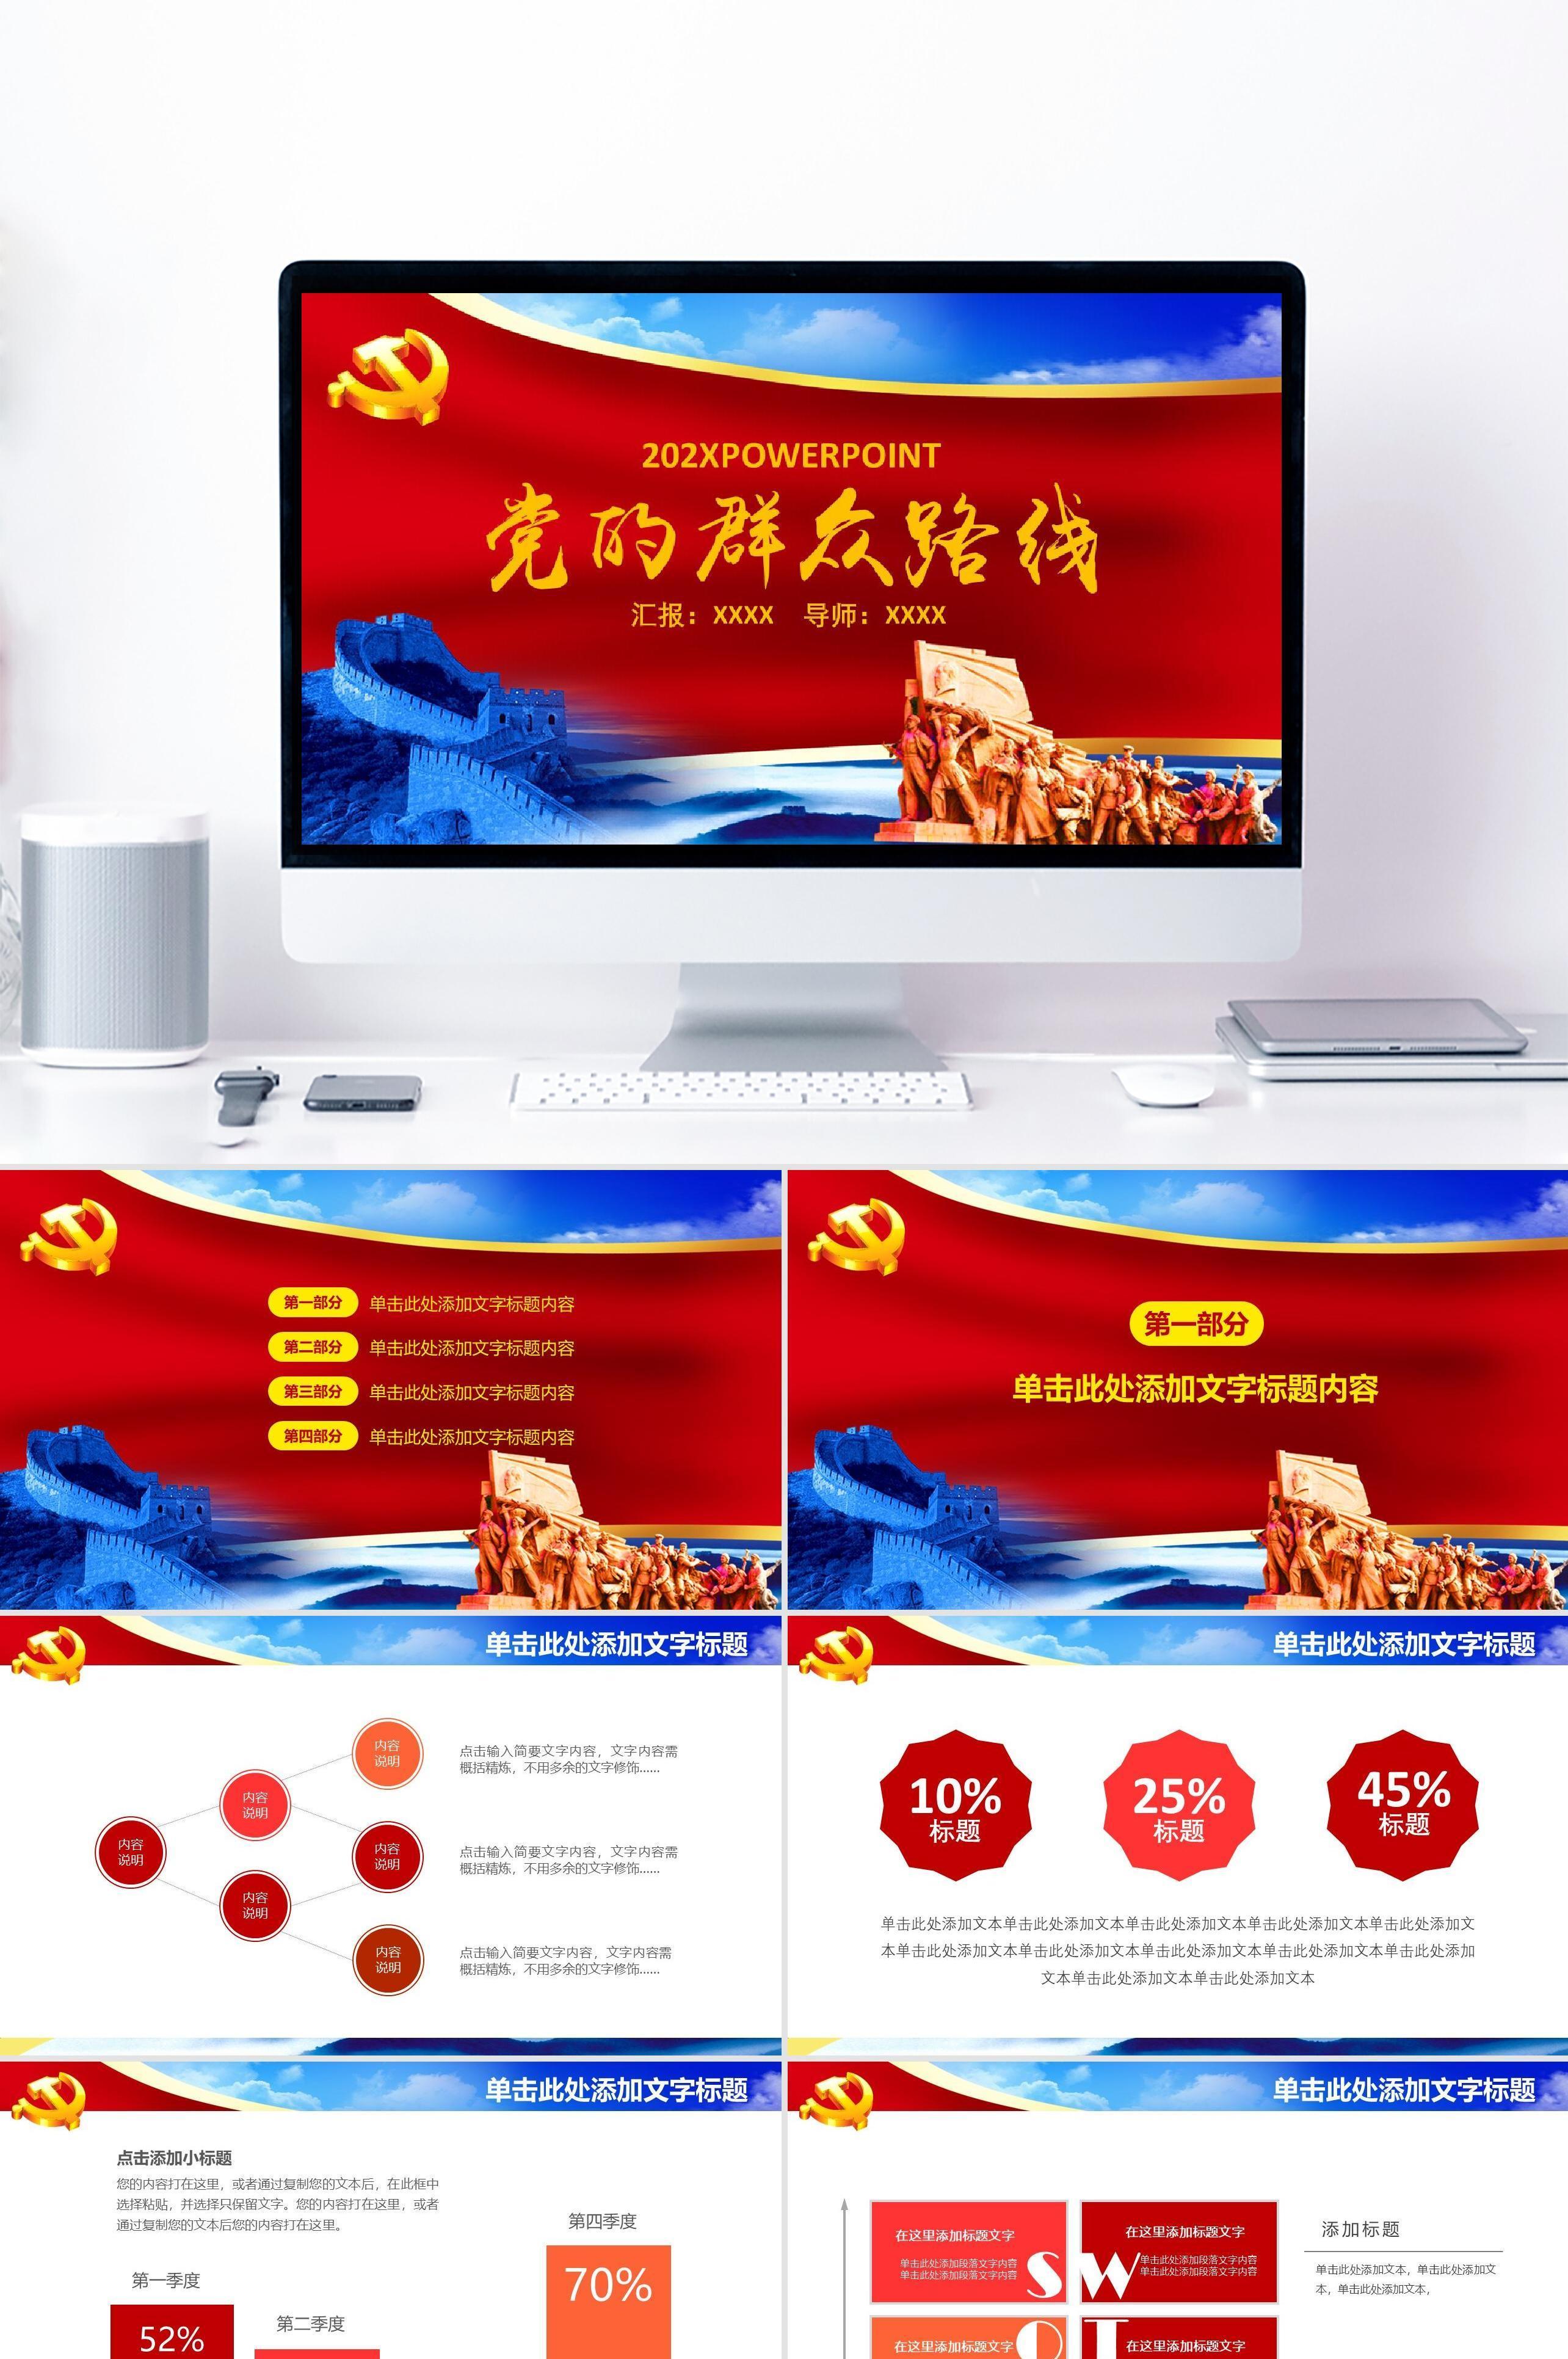 党的群众路线教育实践活动党建党课学习心得汇报PPT模板